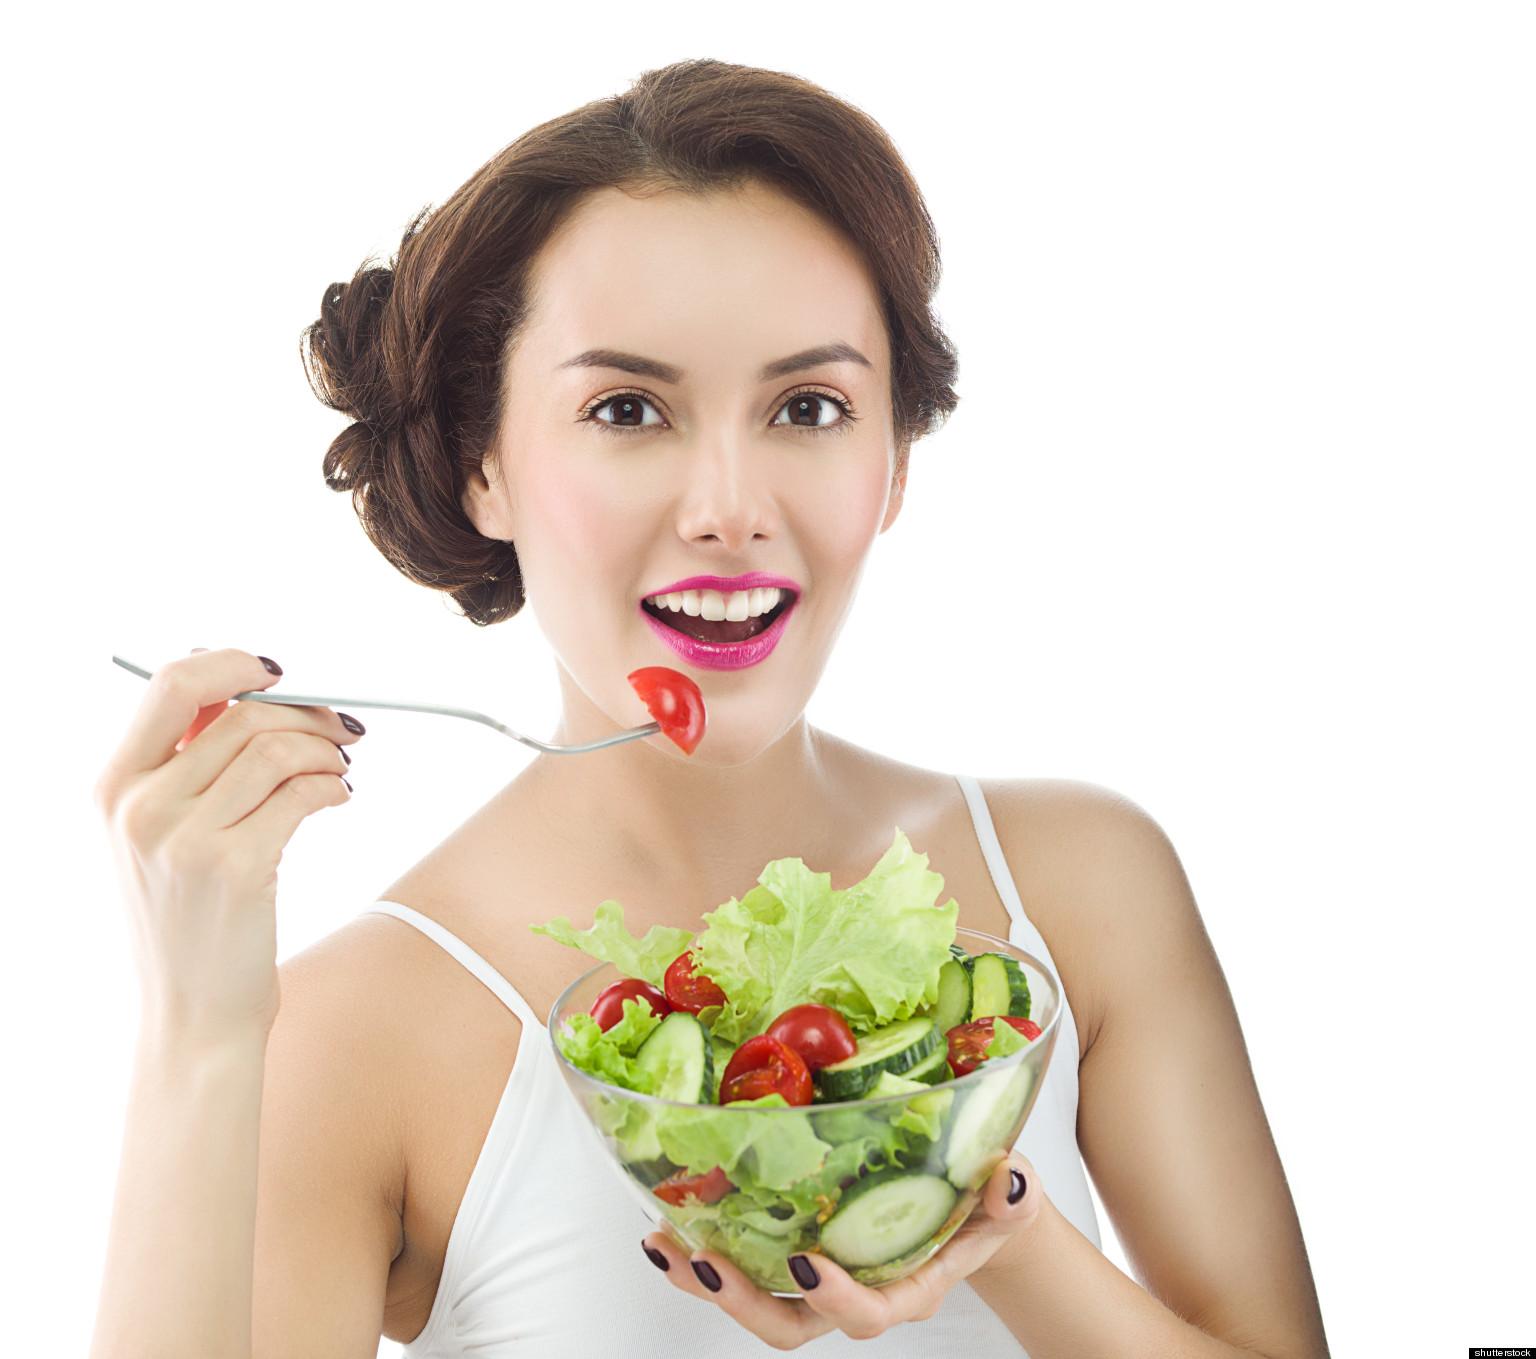 Black people eating healthy